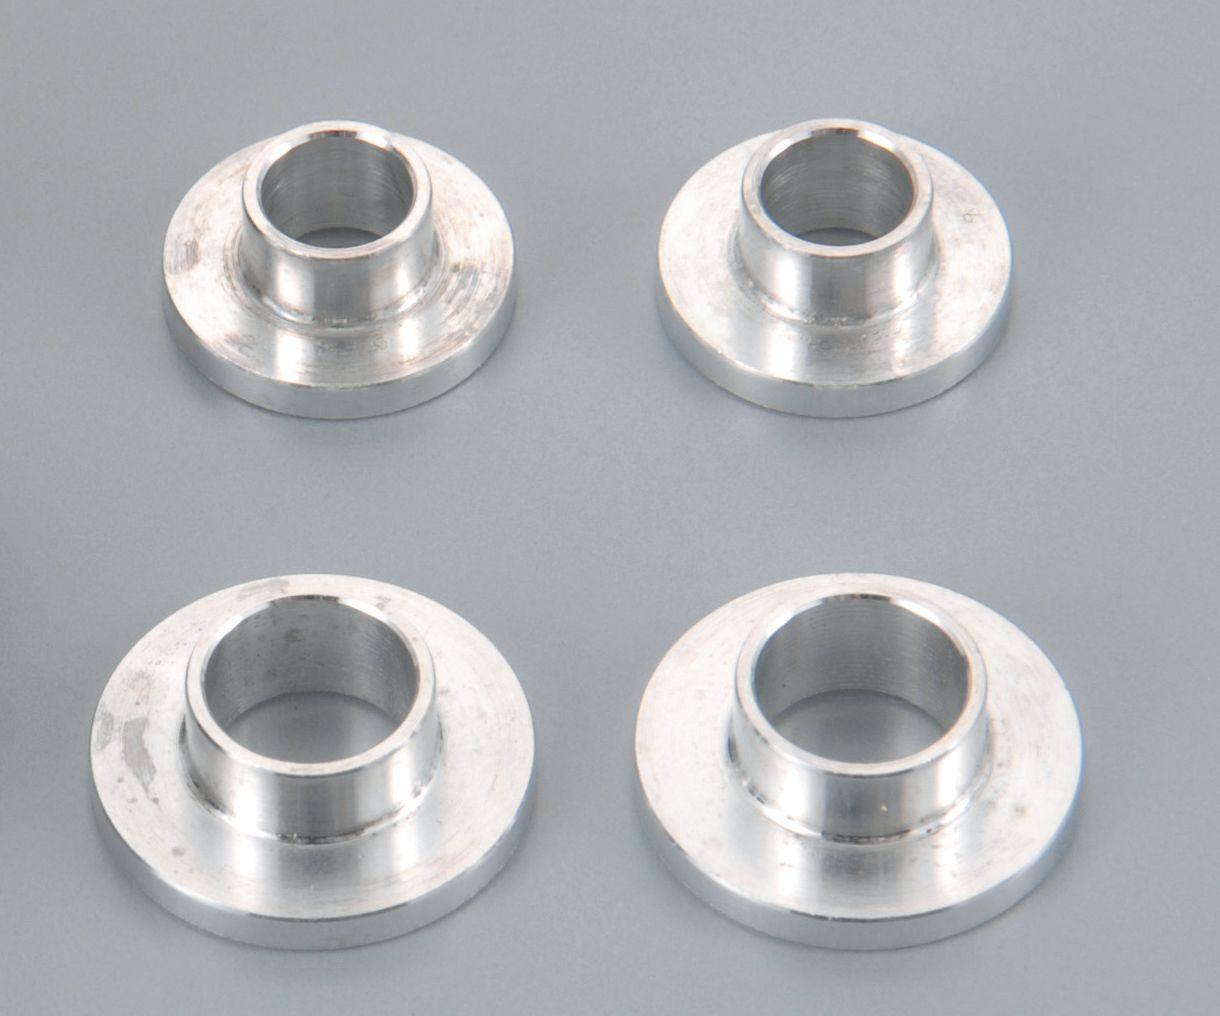 【POSH】內徑變換鋁合金襯套組 - 「Webike-摩托百貨」